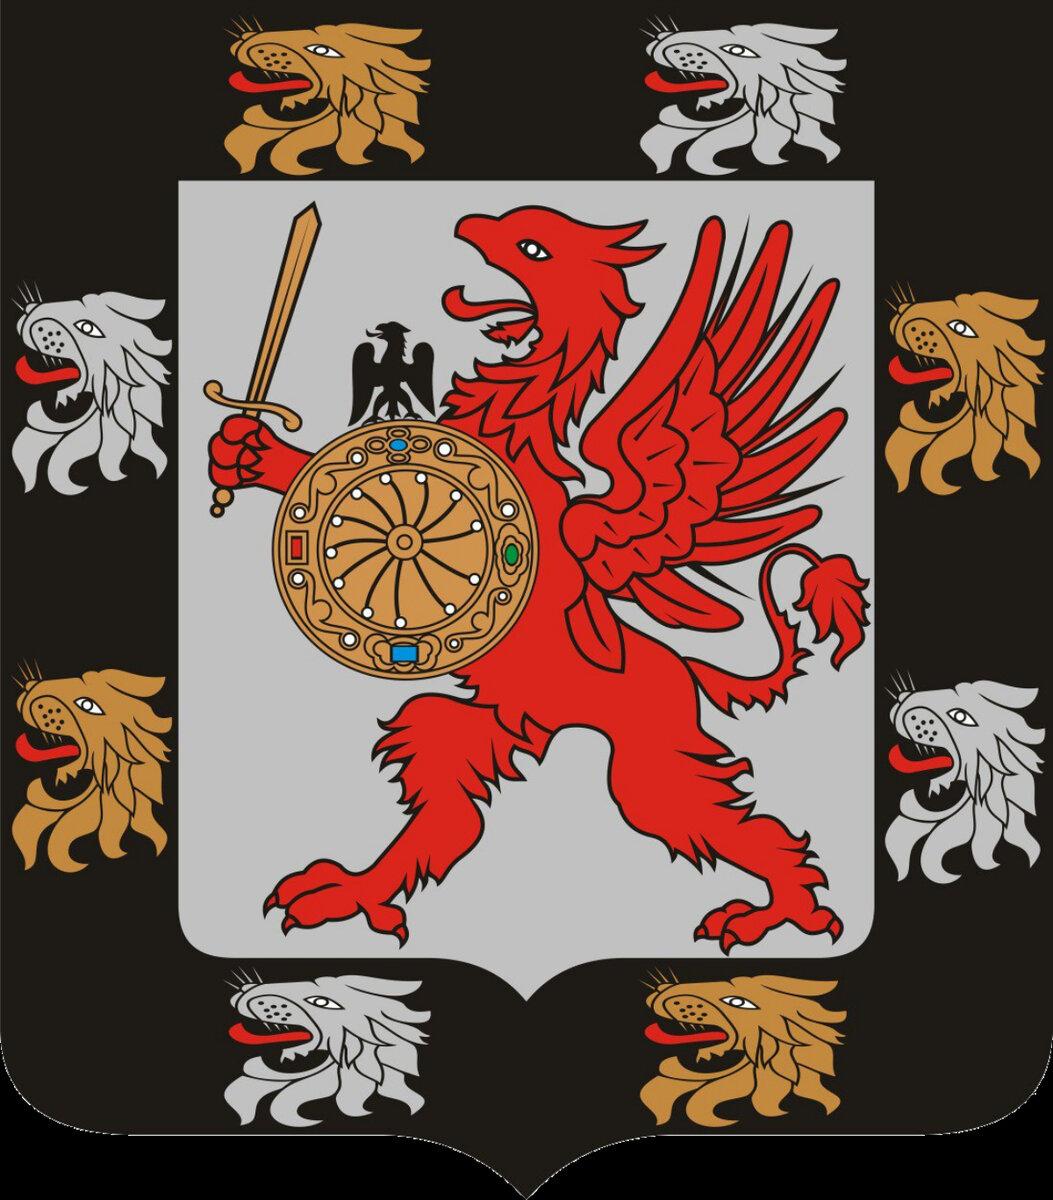 Фамильный герб дома Романовых. Составлен Б. В. Кёне в царствование императора Александра II и официально утверждён 8 декабря 1856 года